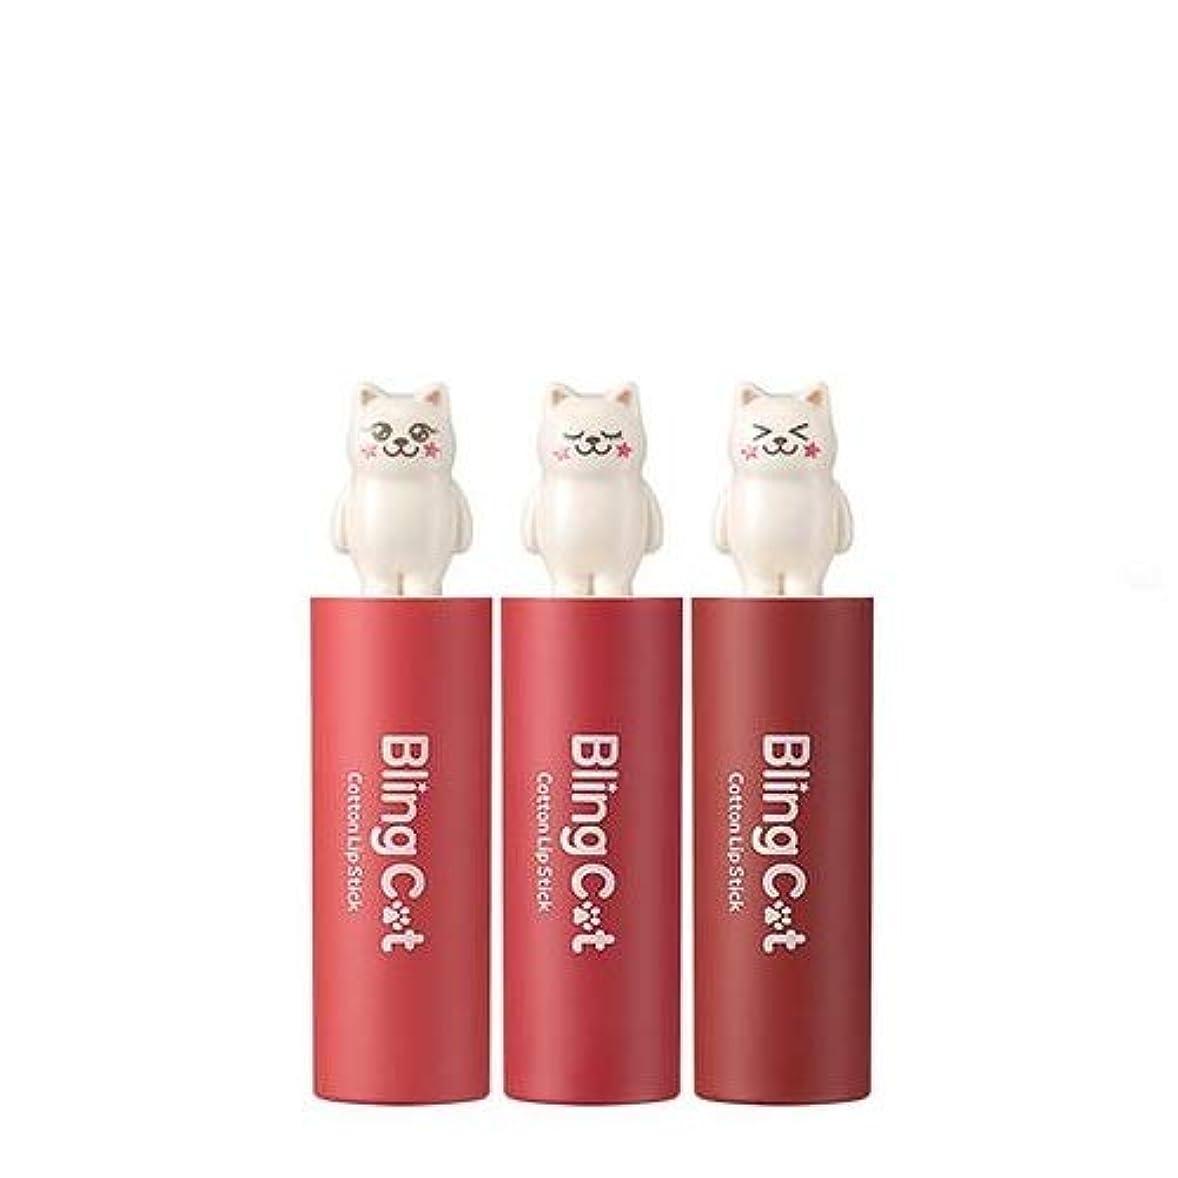 家族スロベニア行トニーモリー ブリングキャット コットン リップスティック 3.4g / TONYMOLY Bling Cat Cotton Lipstick # 04. Little Coral [並行輸入品]